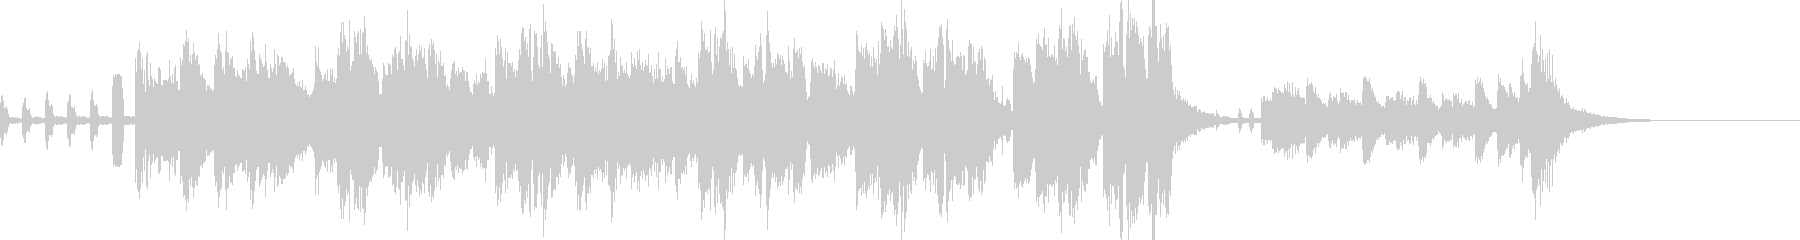 シンセメロのミドルテンポの大人ジングルの未再生の波形